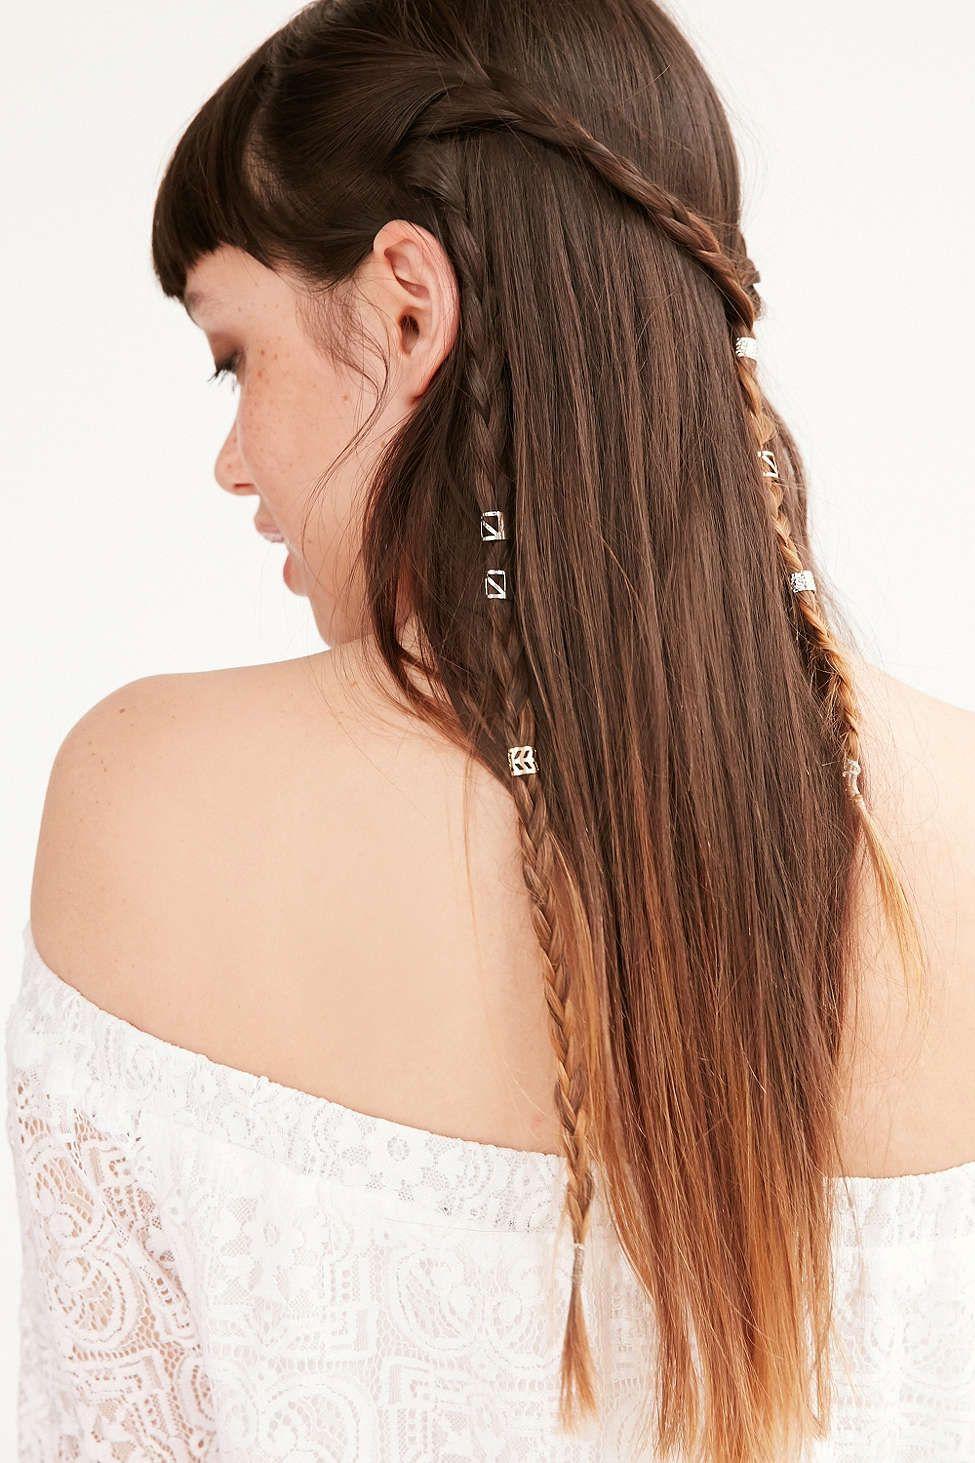 Metal Hair Cuff Set Urban Outfitters Hair Cuffs Metallic Hair Hair